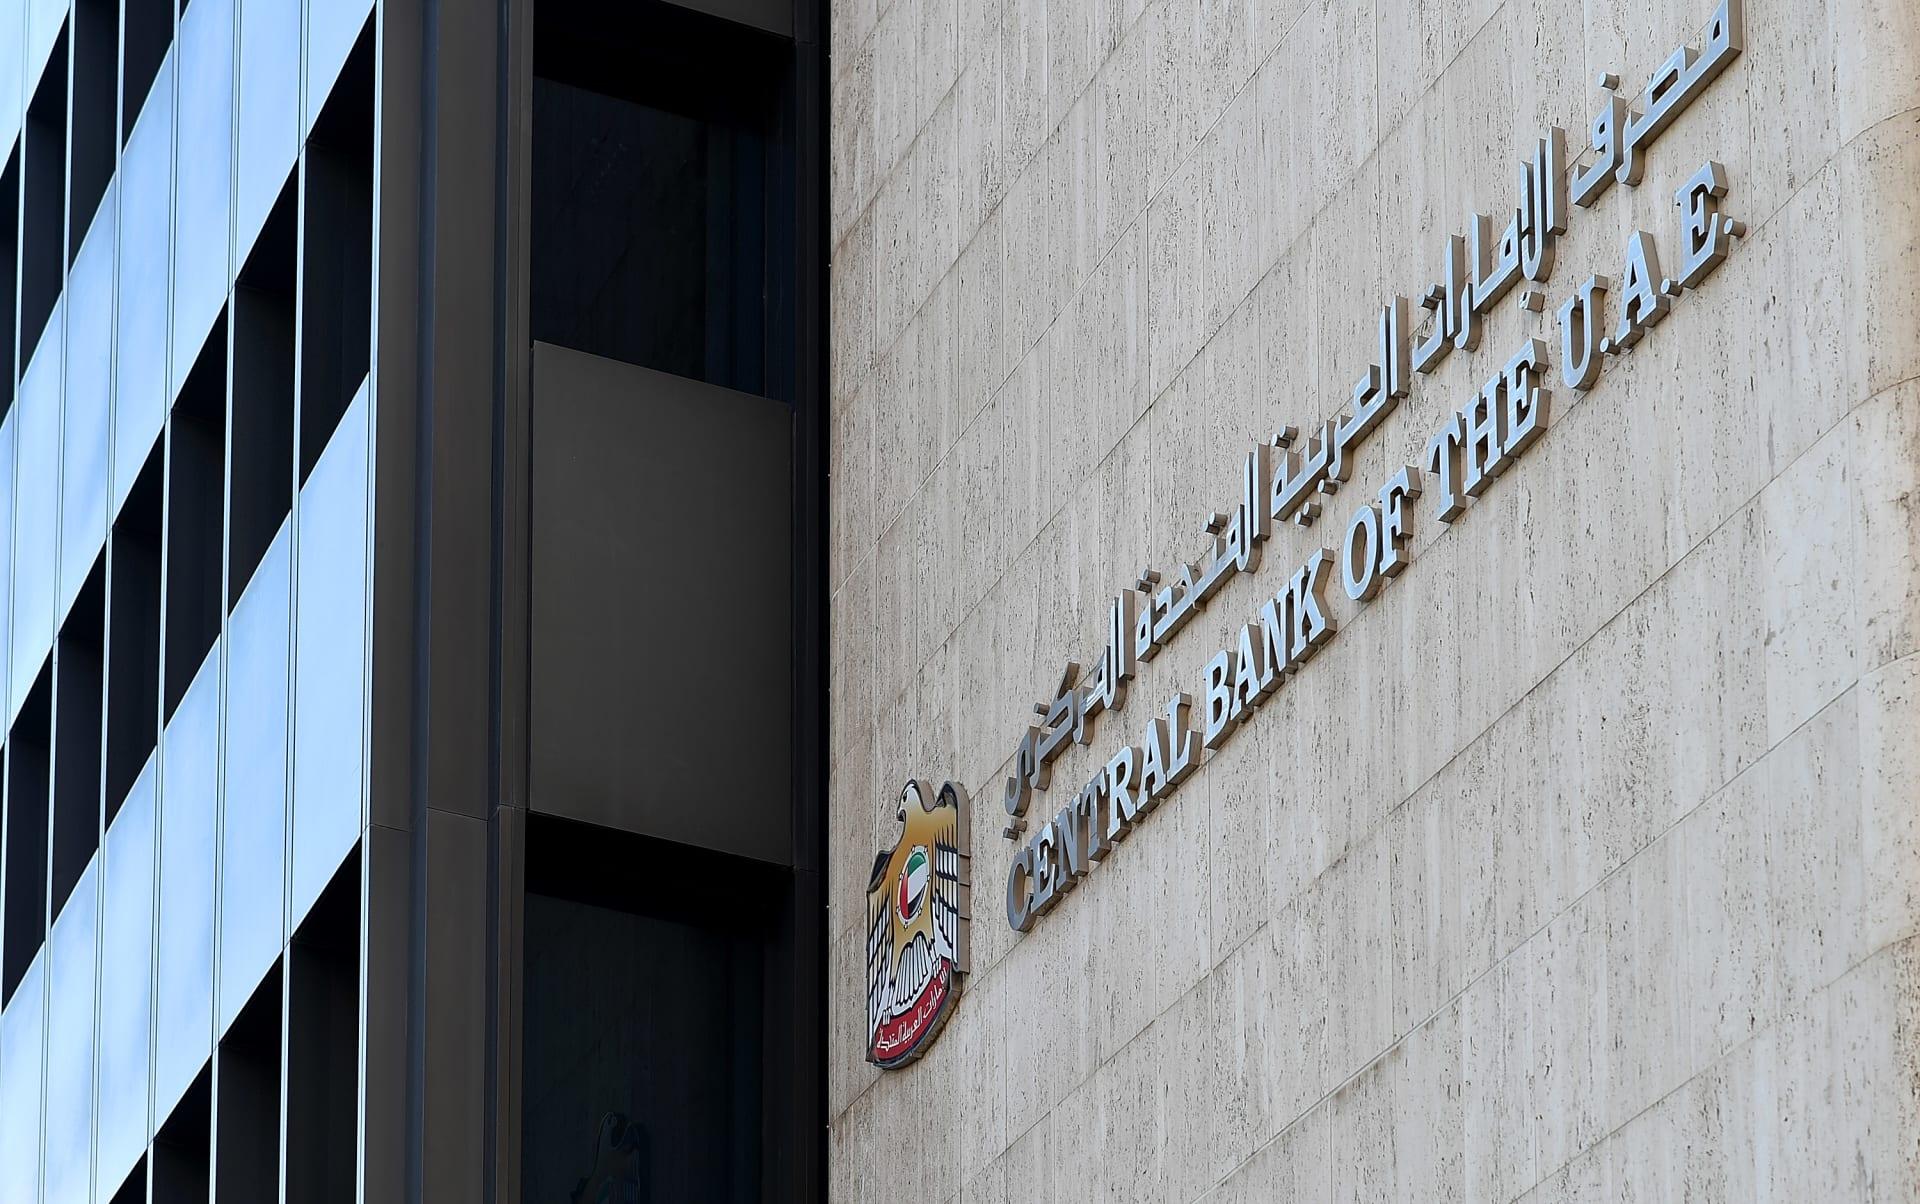 المصرف المركزي الإماراتي يرفع توقعاته لانكماش الاقتصاد في 2020